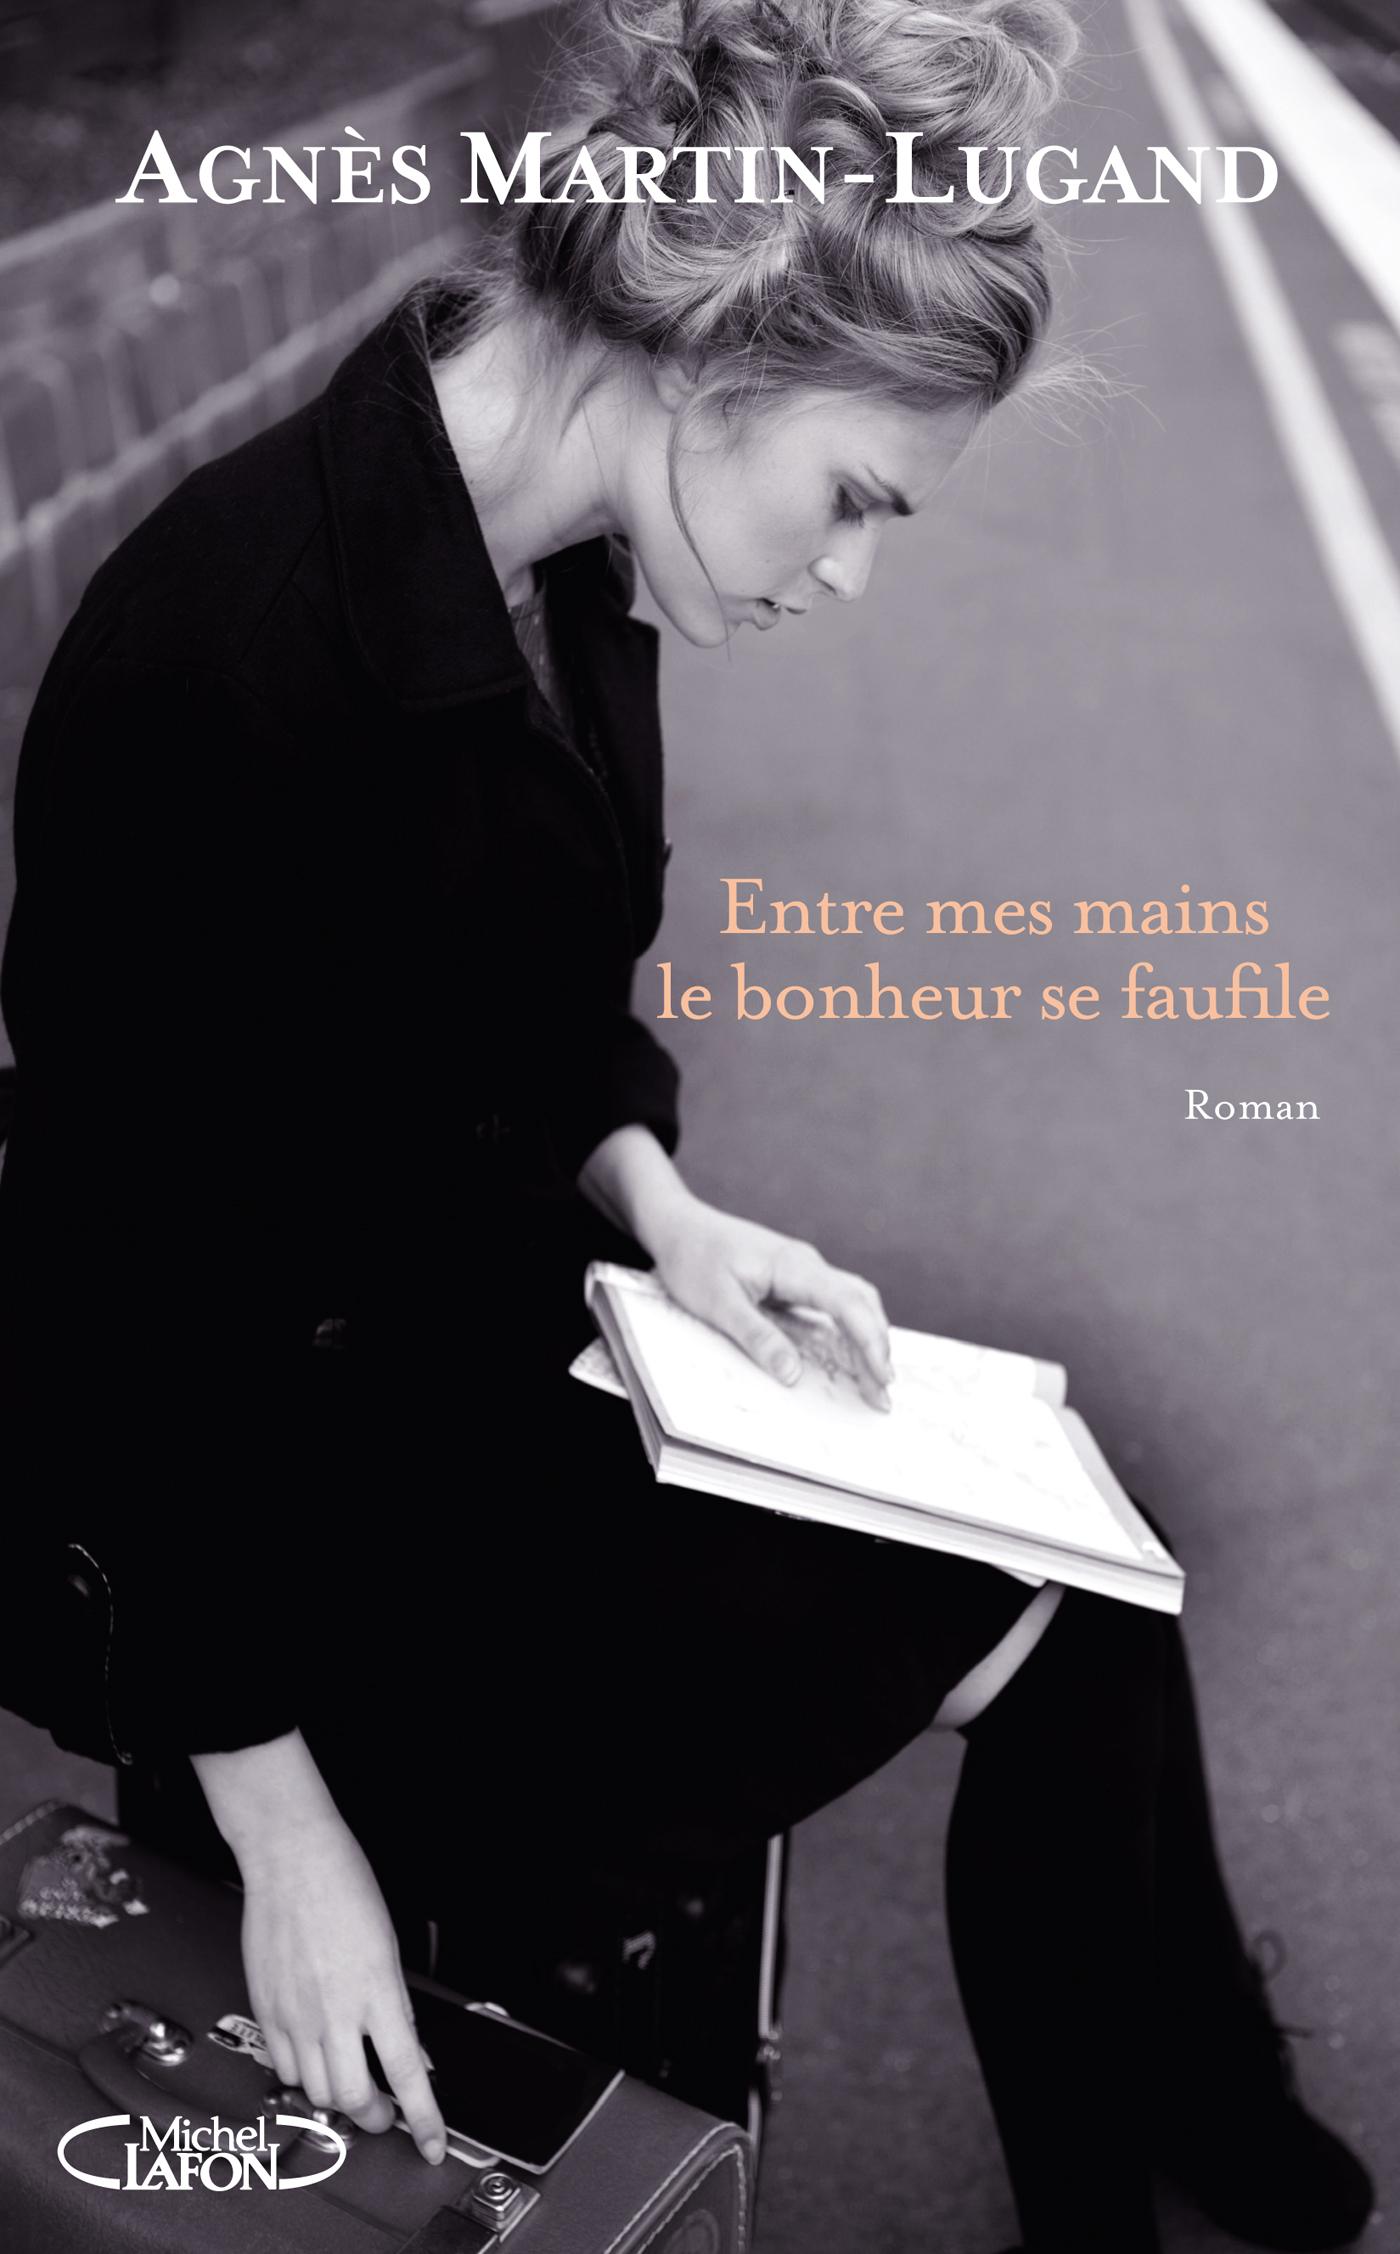 Agnès Martin Lugand - Couverture Grand Format - Entre mes mains le bonheur se faufile